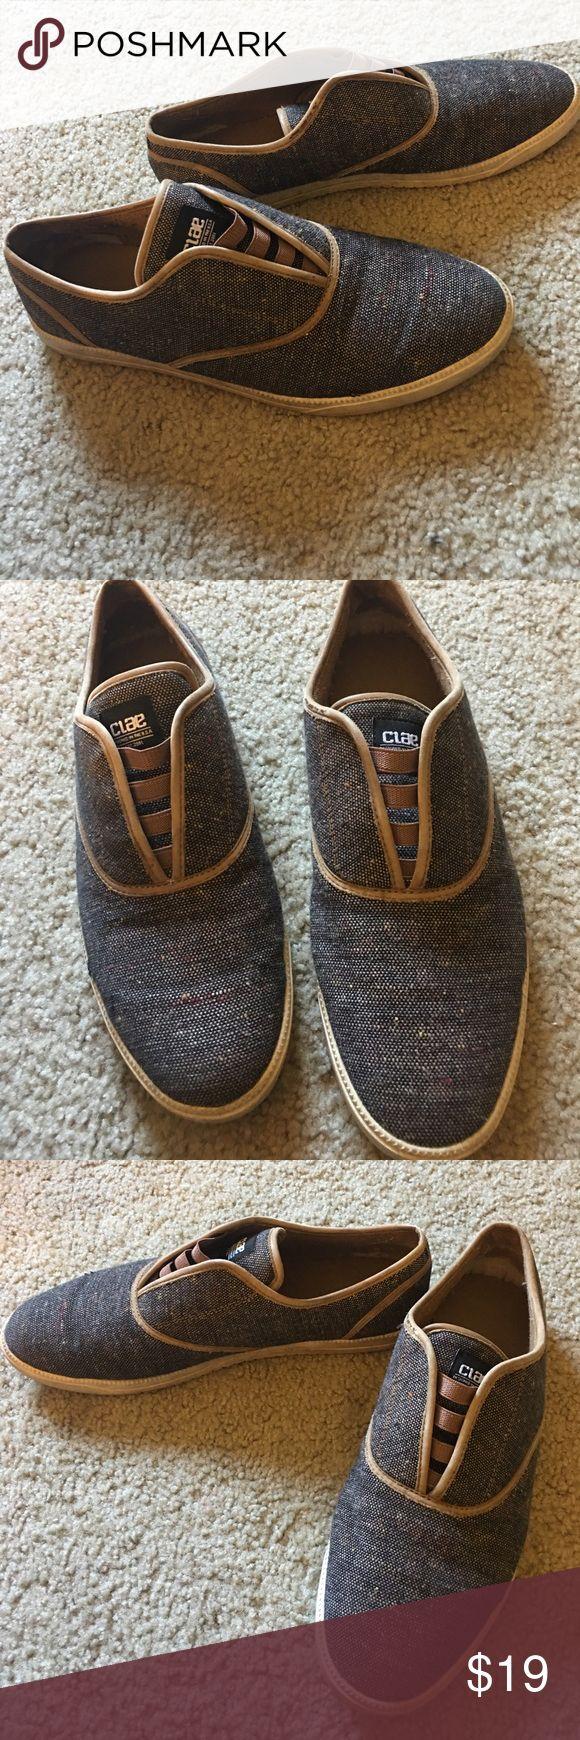 Men's Slip On's - 10 1/2 Men's Slip On's - 10 1/2 Shoes Loafers & Slip-Ons